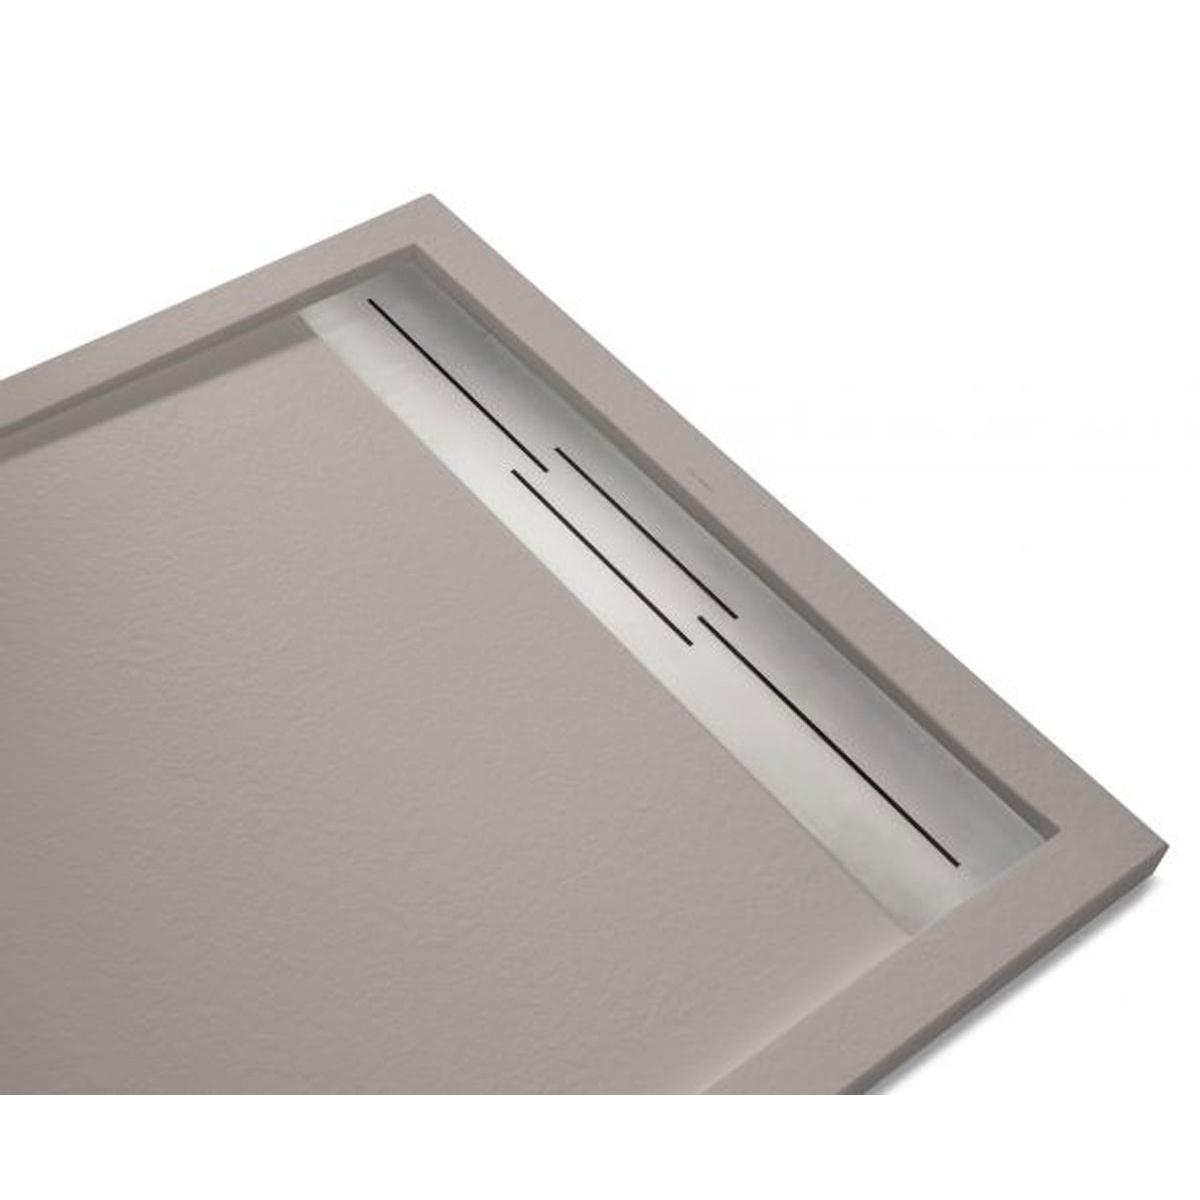 Plato de ducha rectangular 100x80 Andrómeda Stone Cover Nox R1 Fango